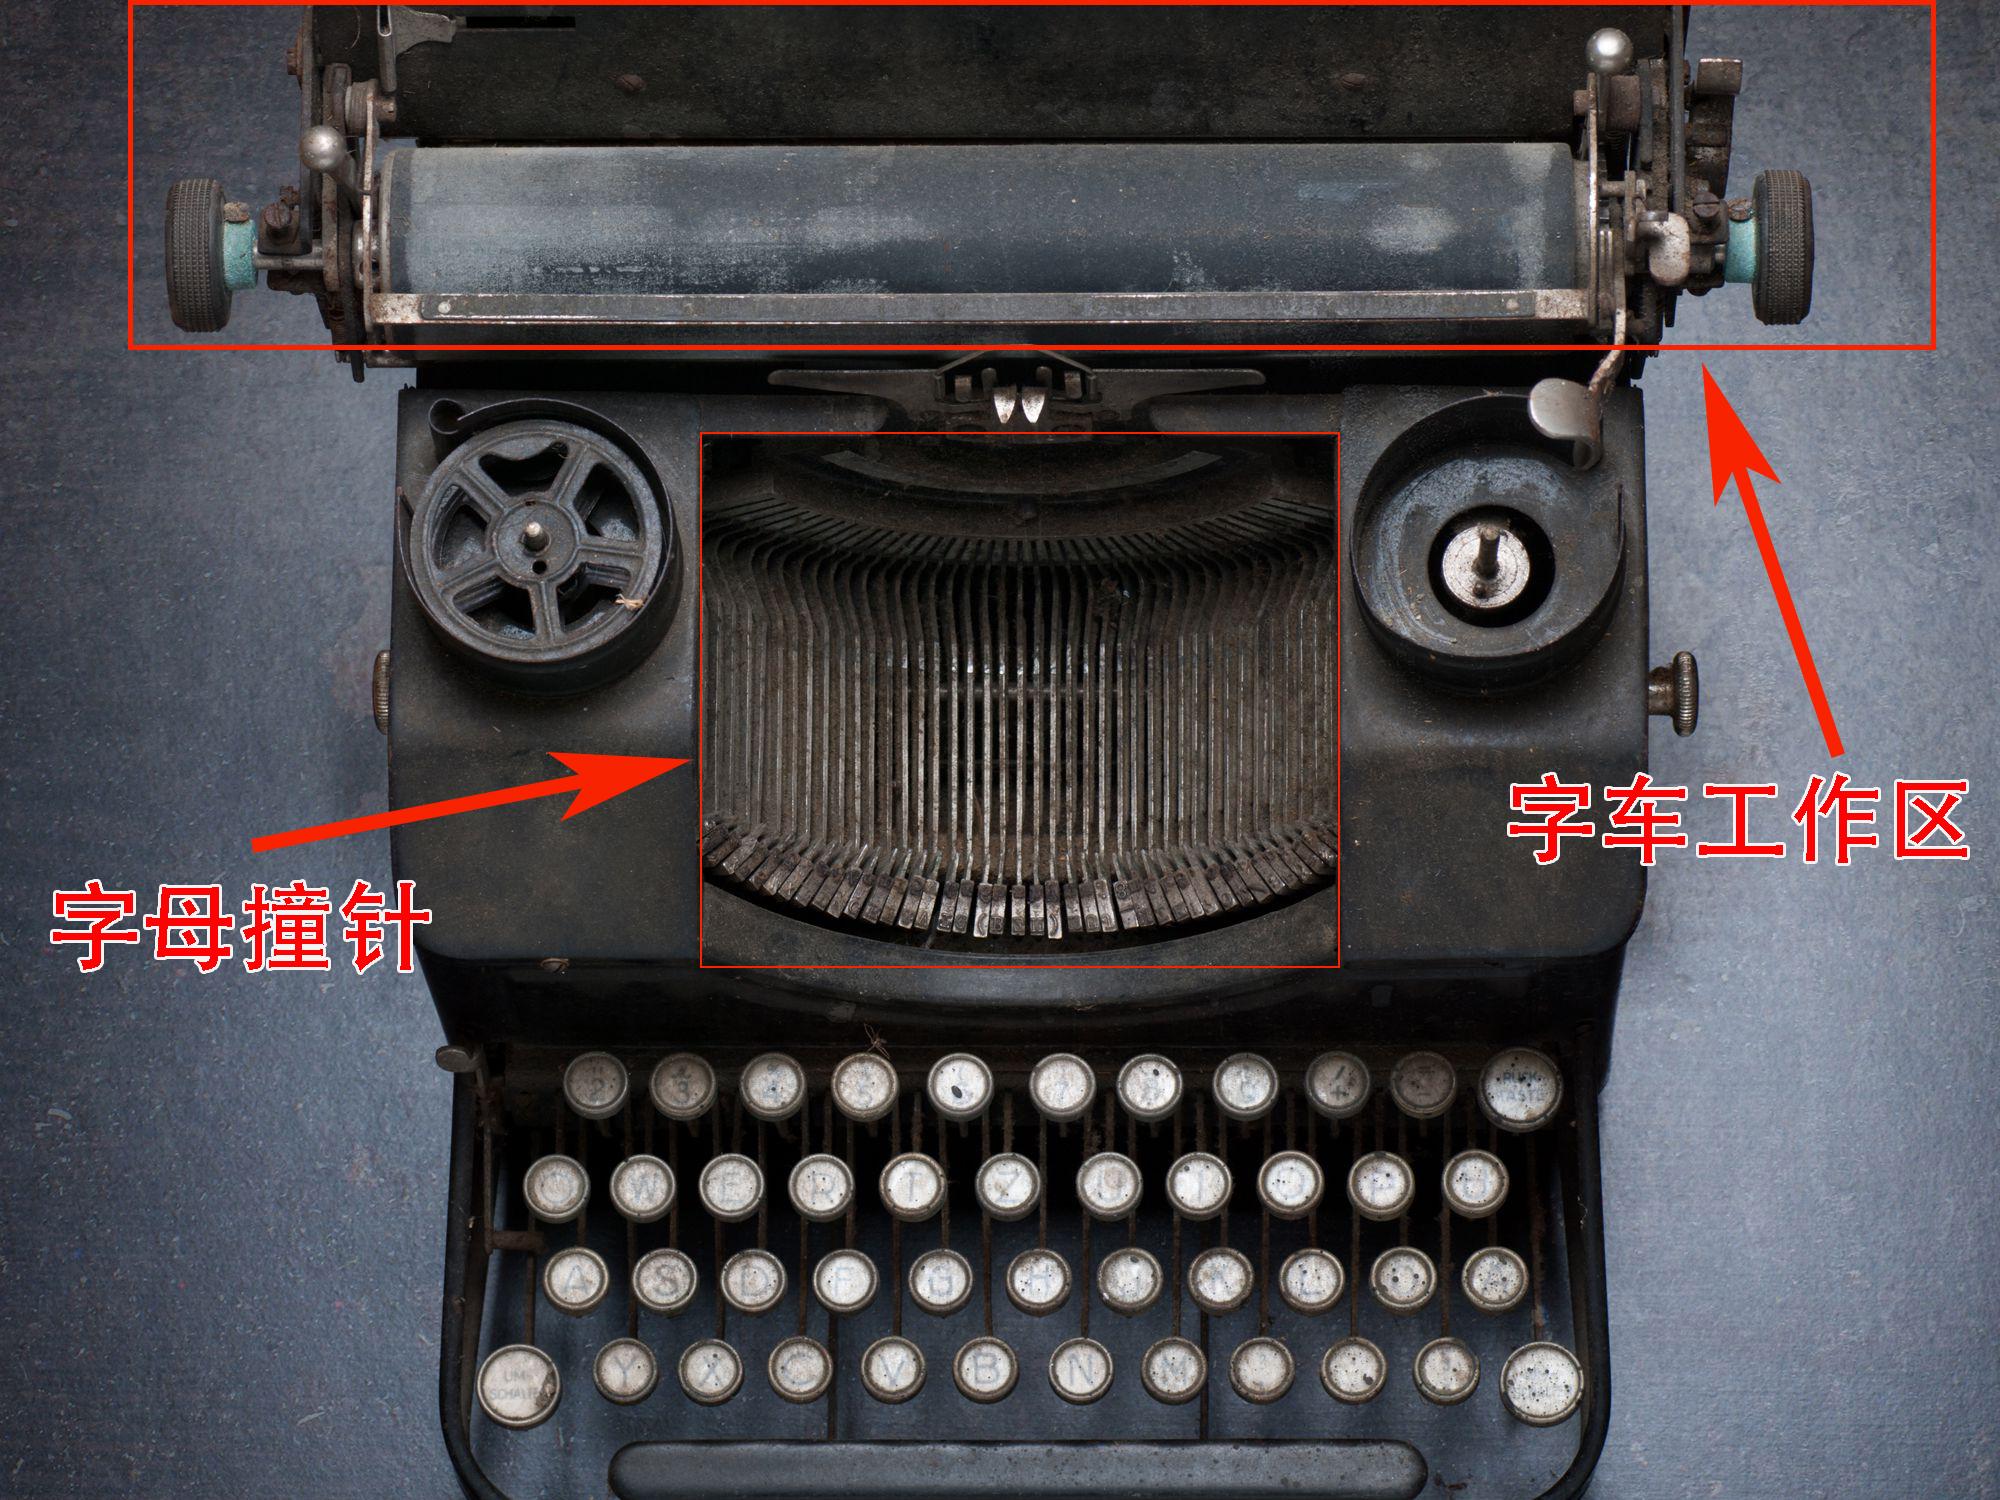 回车键是什么意思(回车键是确定的意思吗)